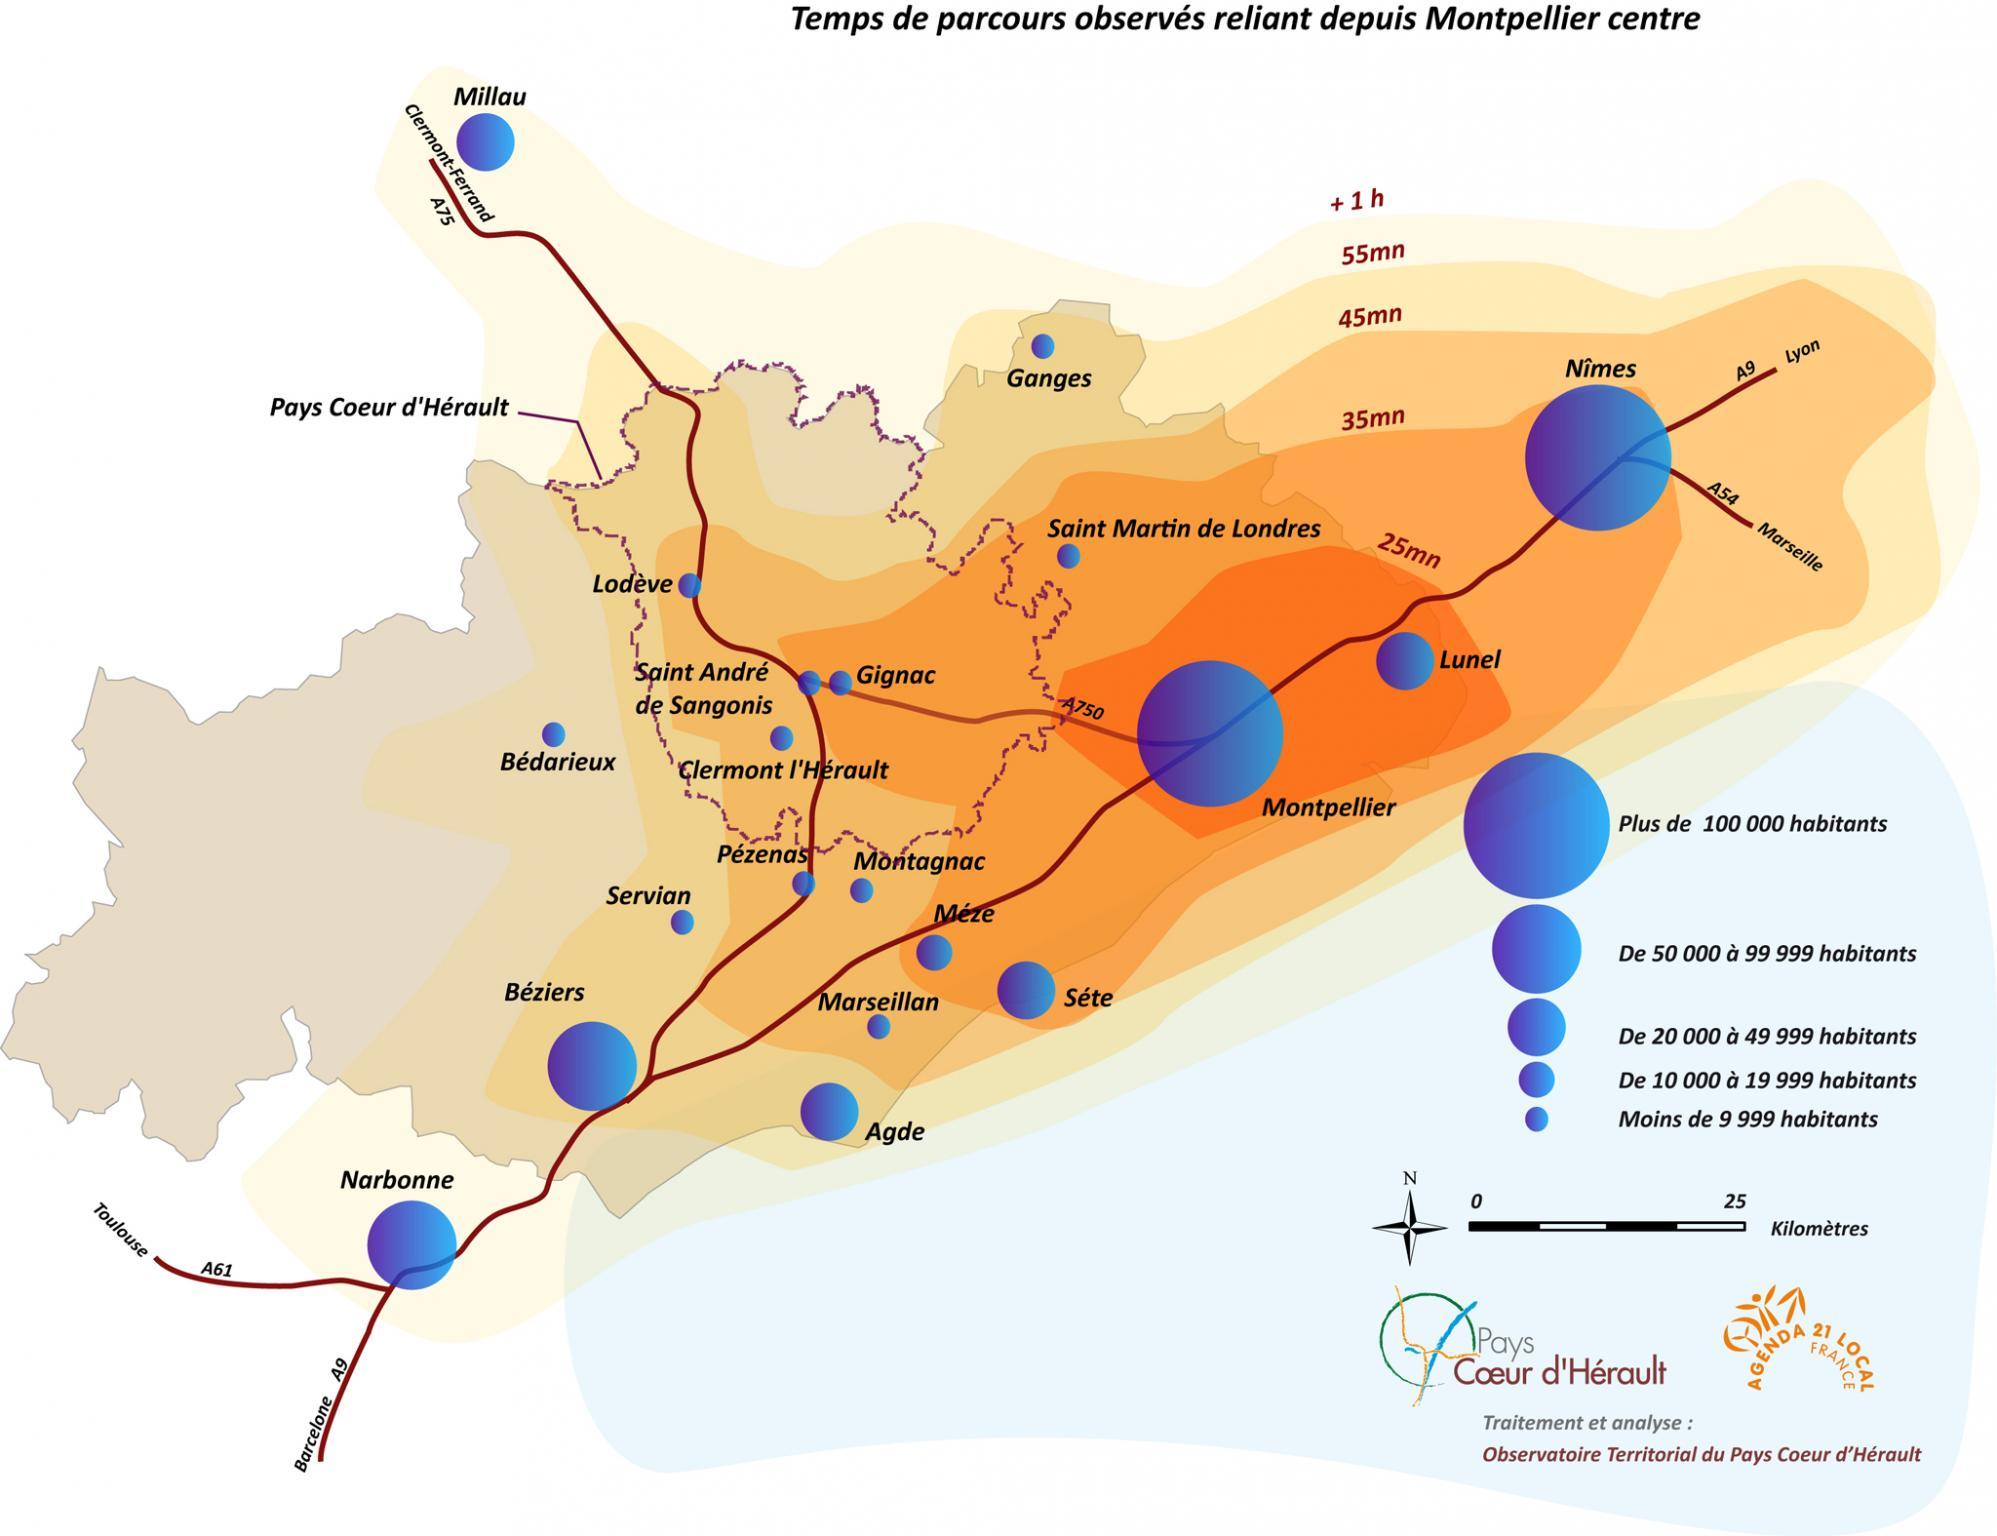 Temps de Parcours Montpellier